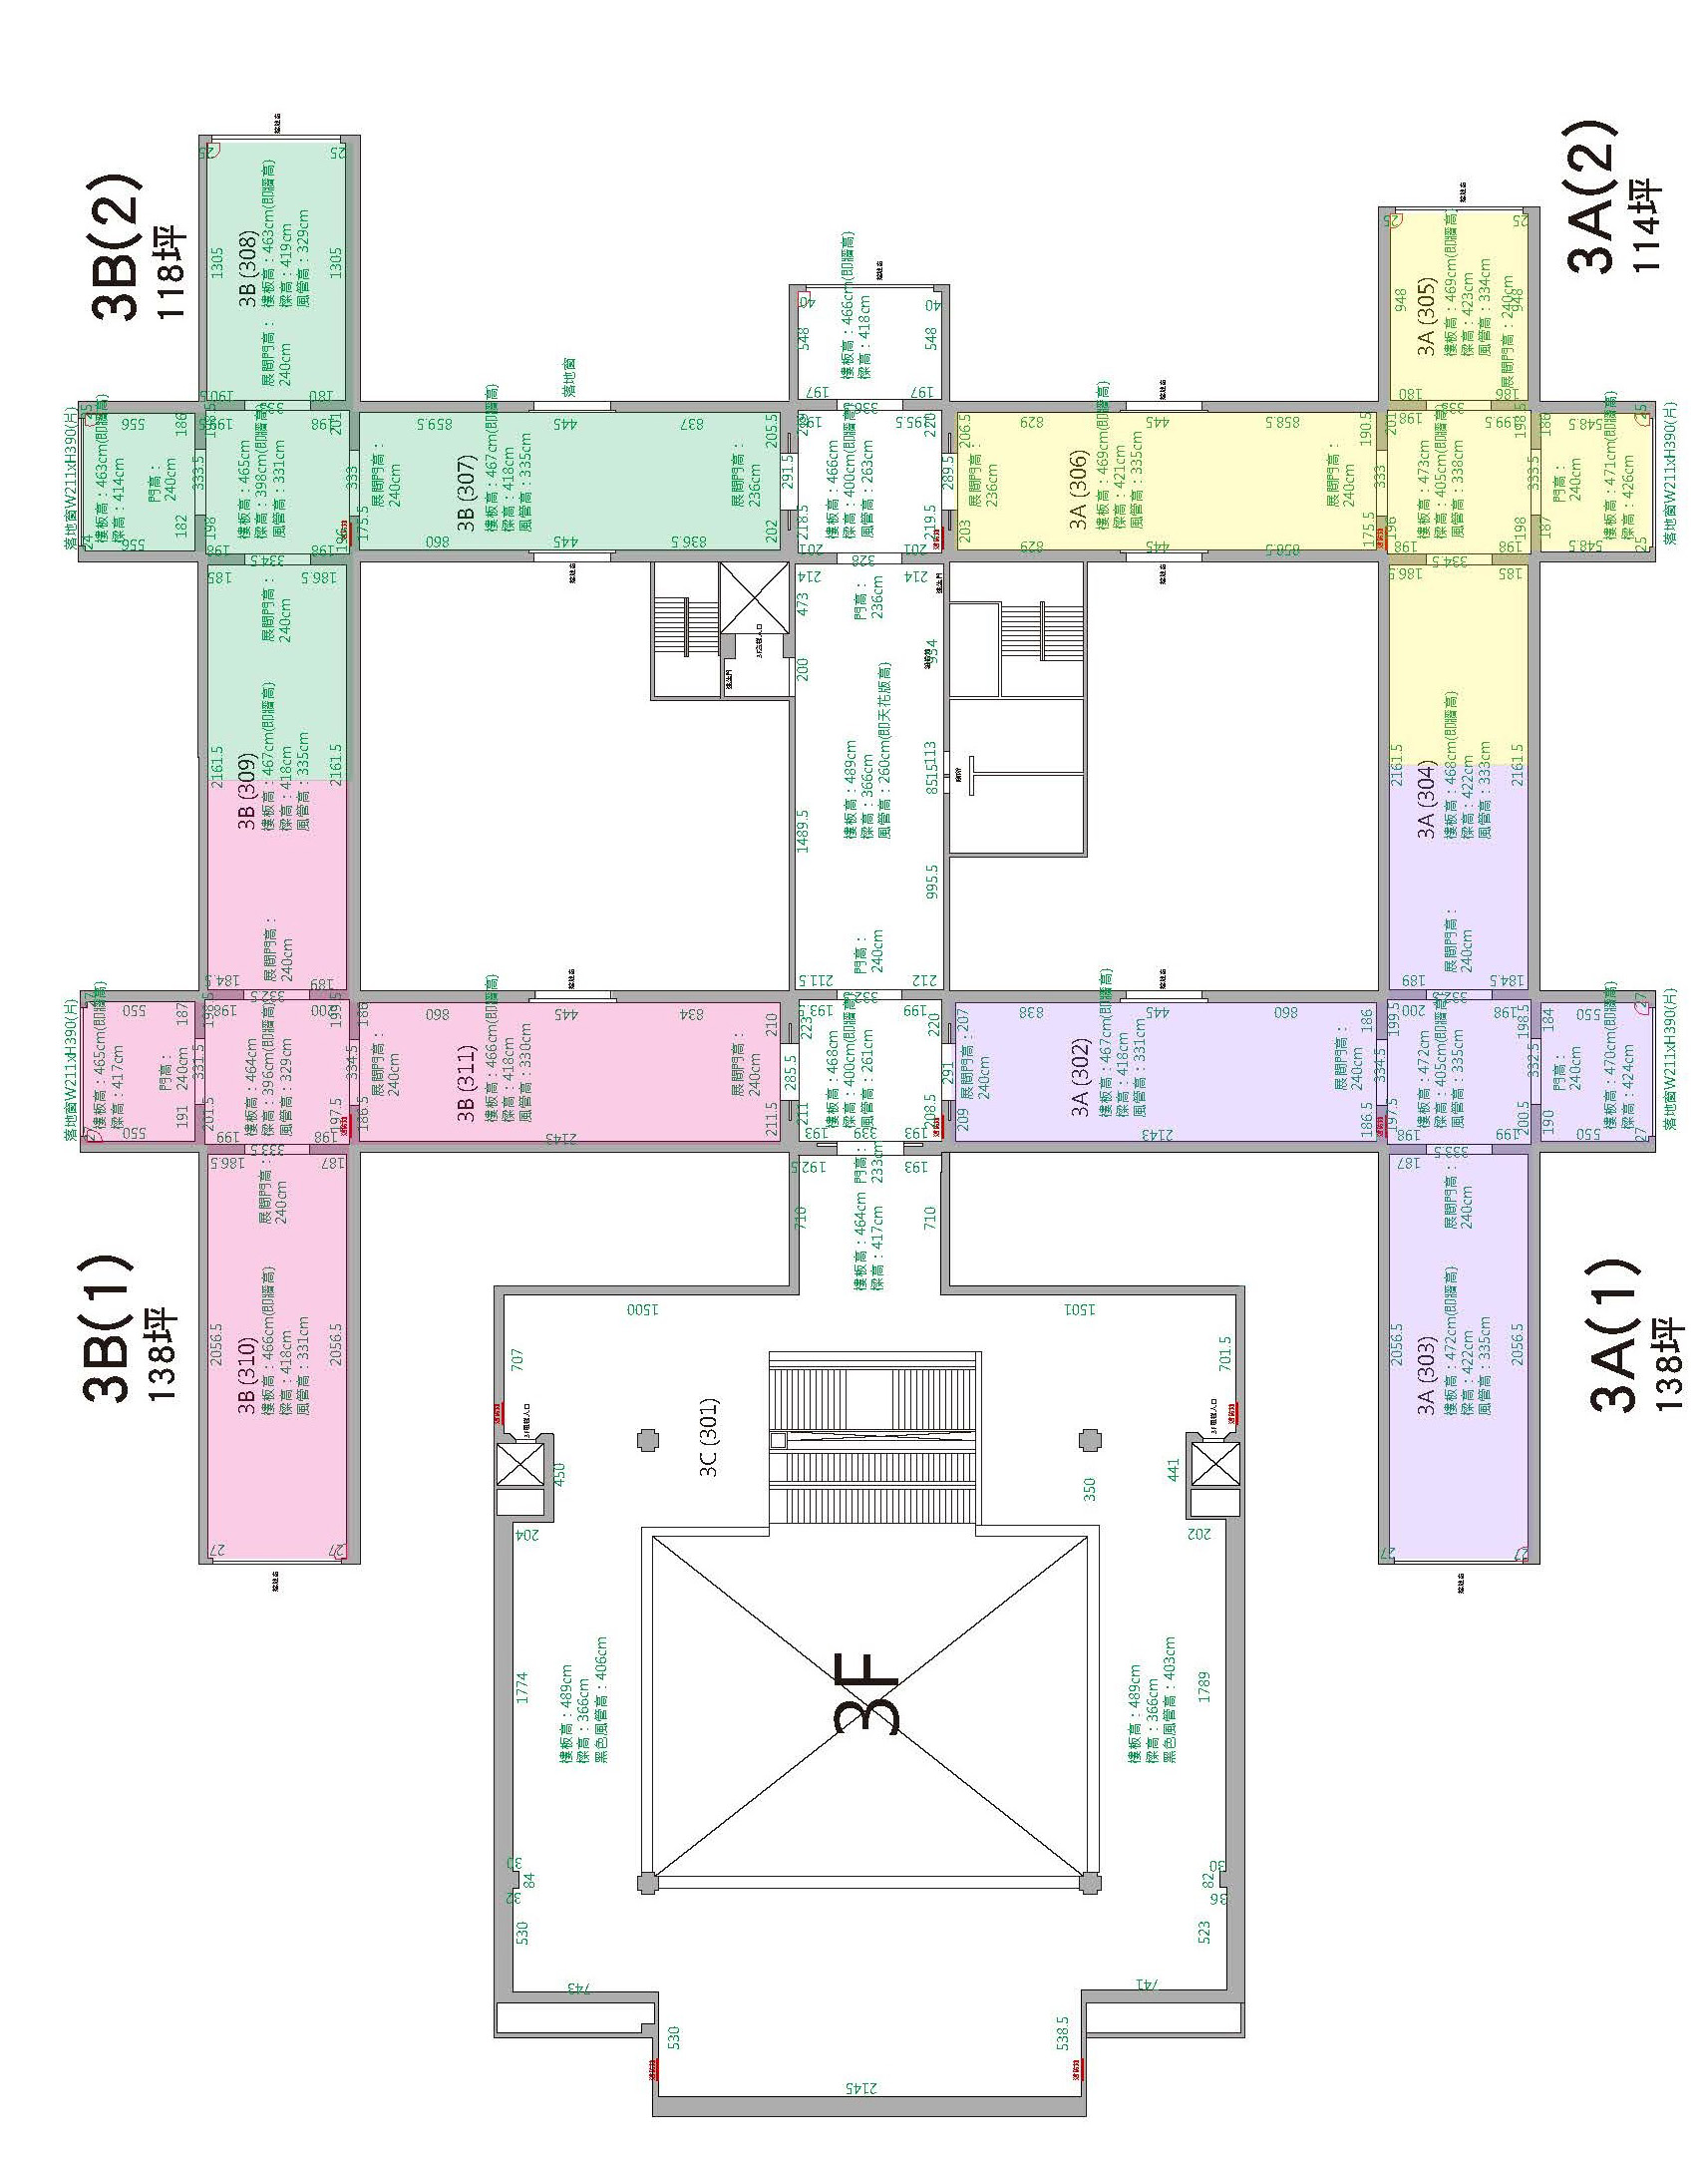 本年度申請展展場平面圖(三樓3A(1)、3A(2)、3B(1)、3B(2)) 獲選展覽由本館於同一檔期,擇一場地展出。